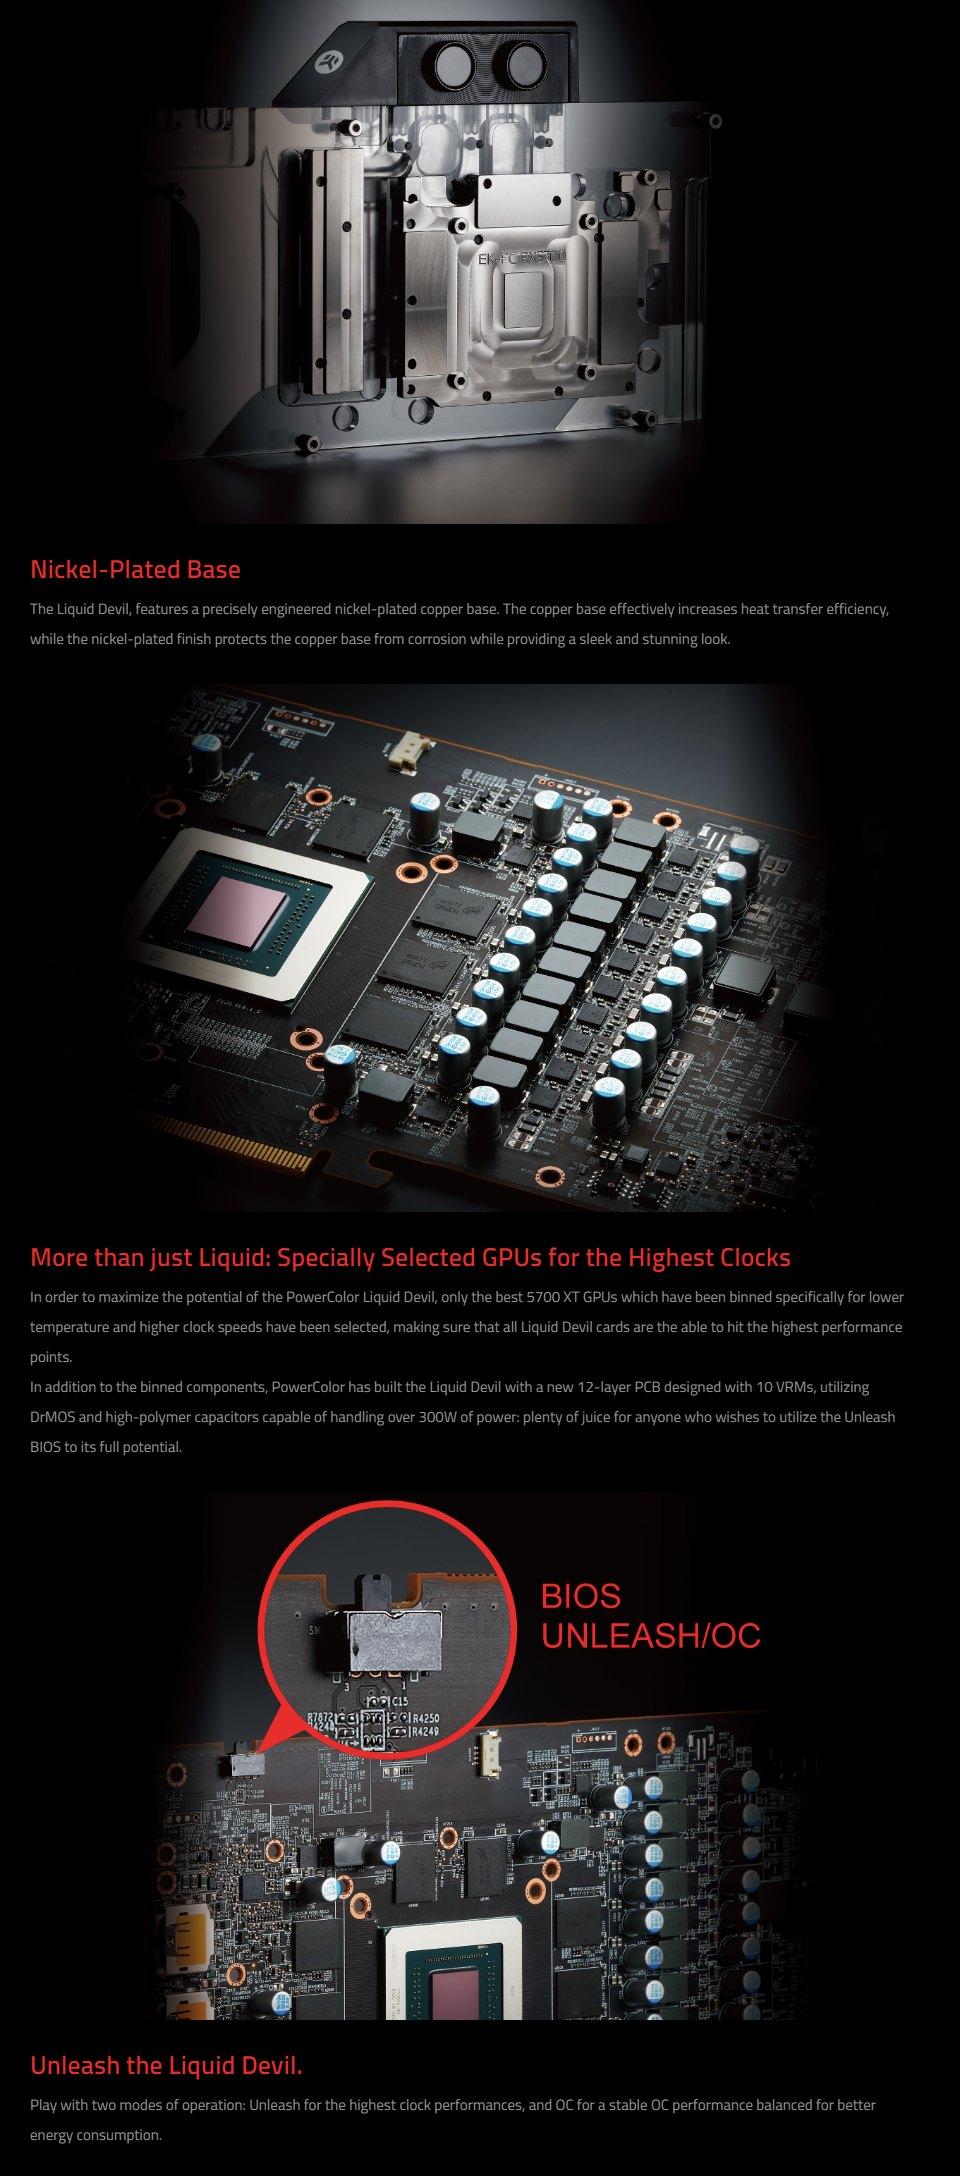 PowerColor Radeon RX 5700 XT Liquid Devil 8GB features 2